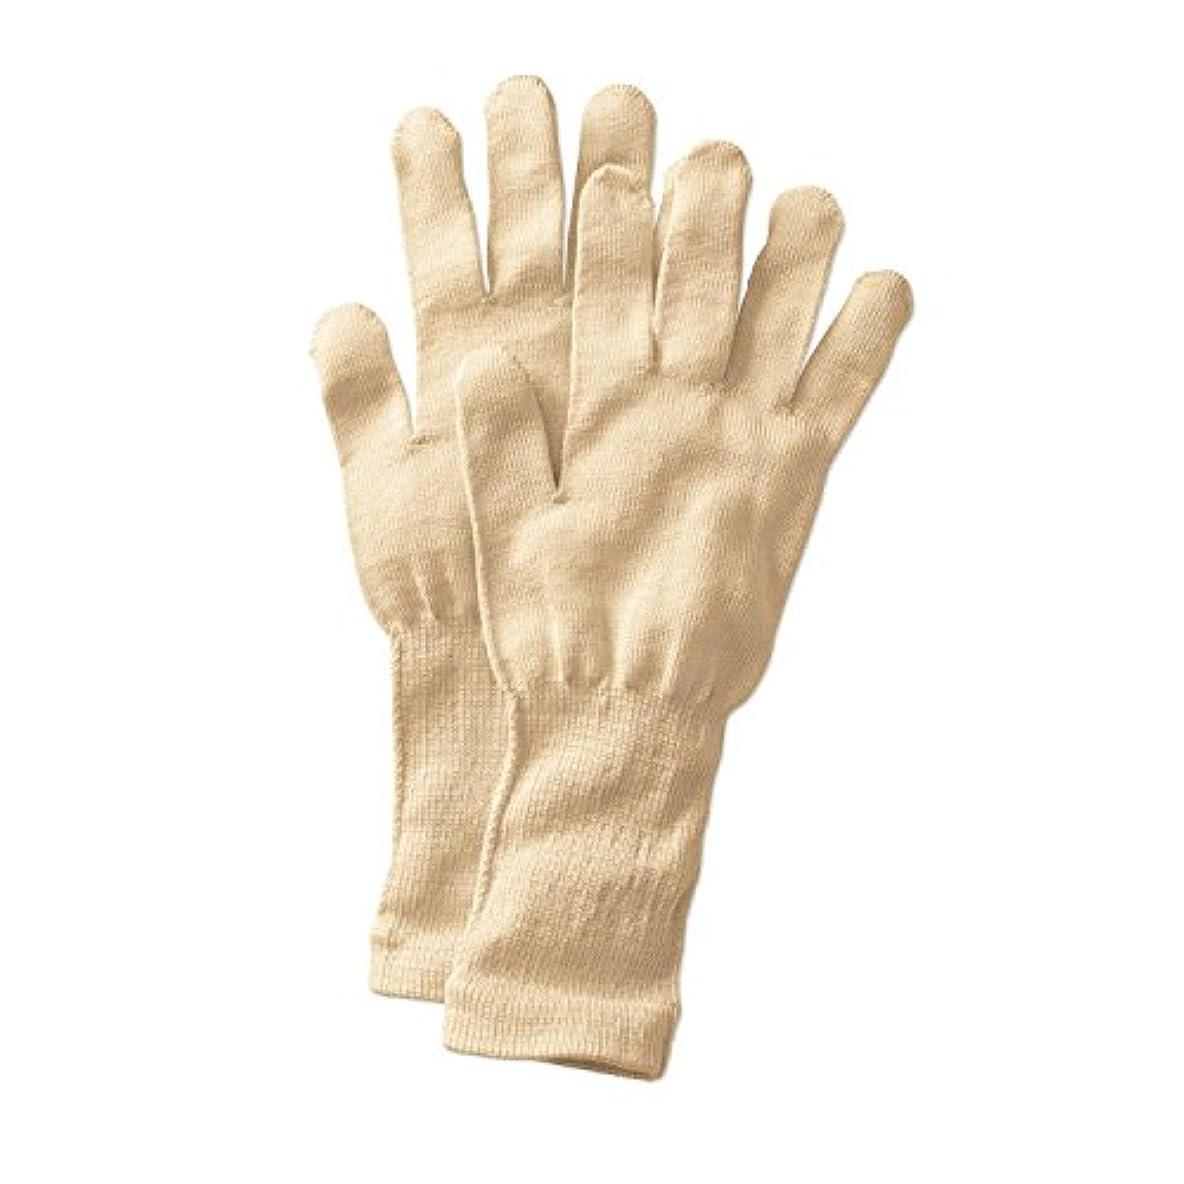 拘束するラショナルボイド[ベルメゾン] 手袋 シルク 冷え取り おやすみ あったか /冷えとり日和365 クリーム